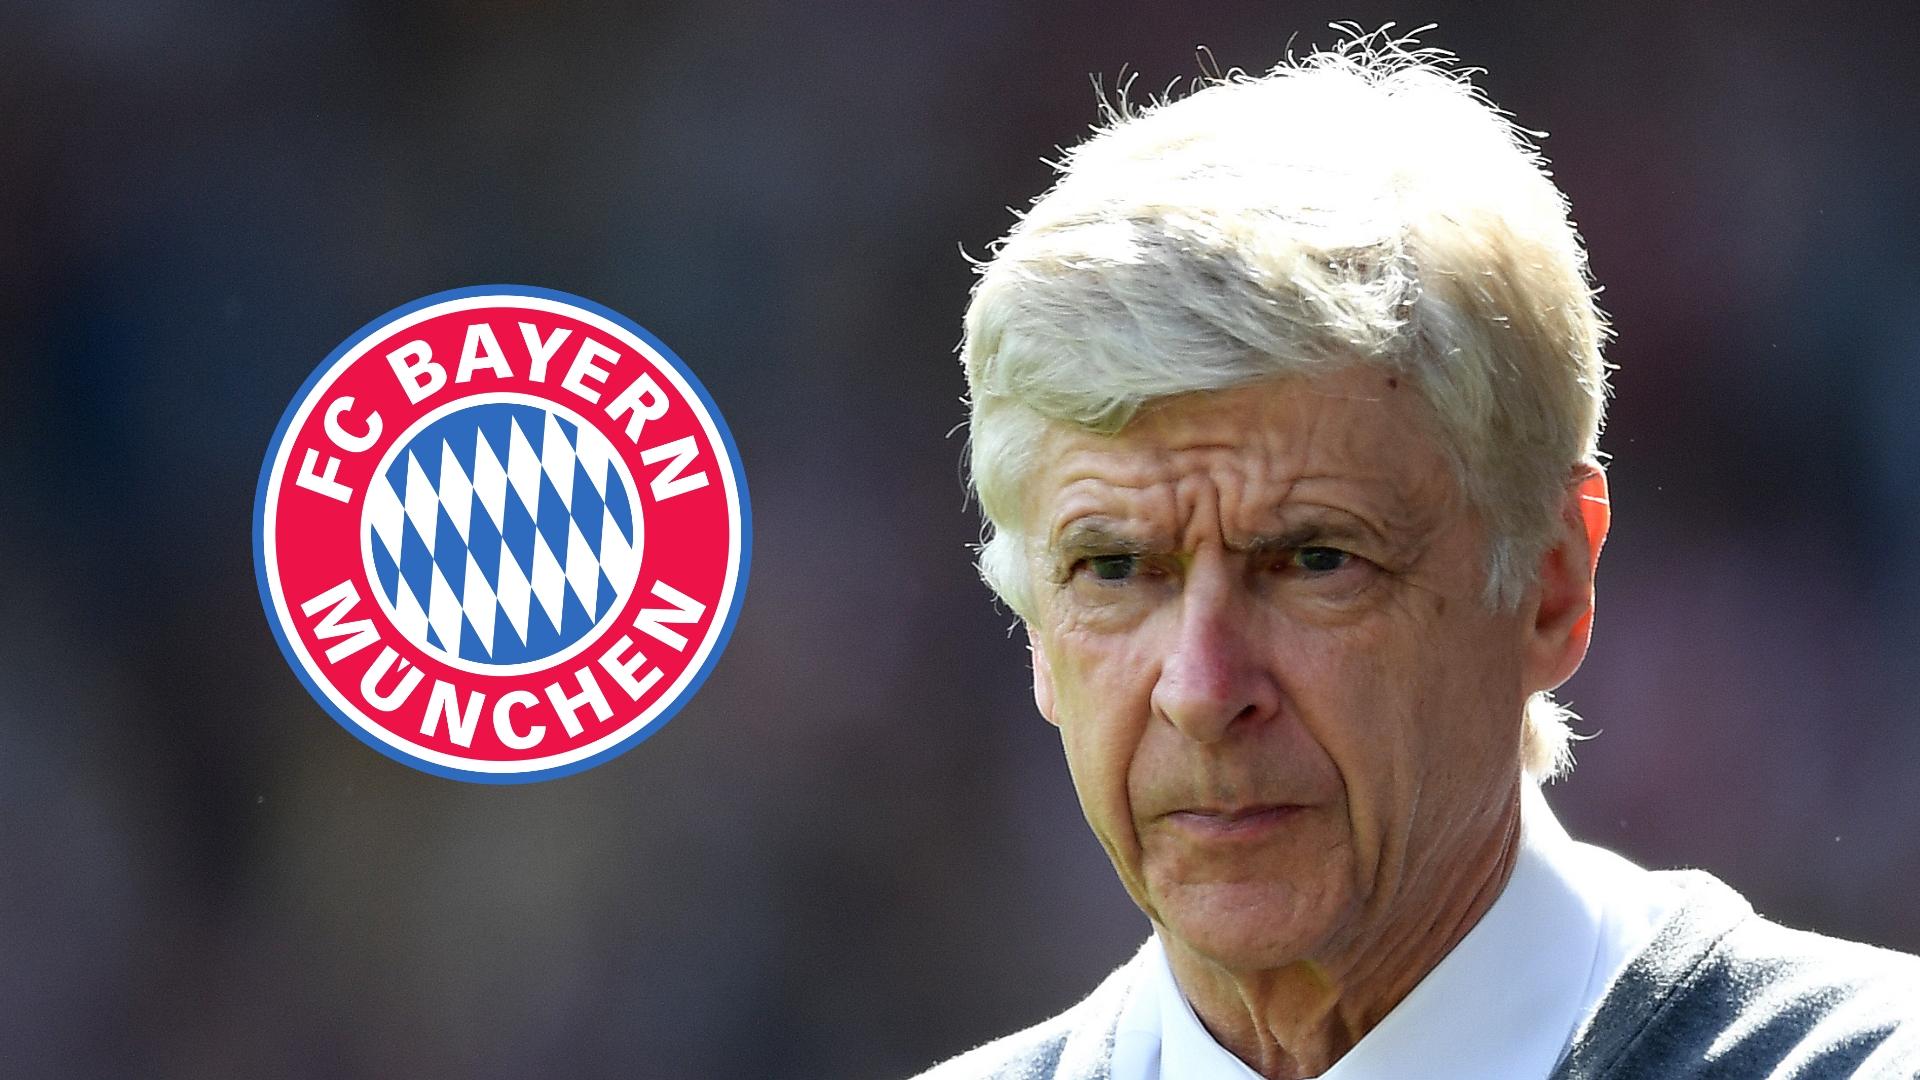 Image result for Wenger bayern